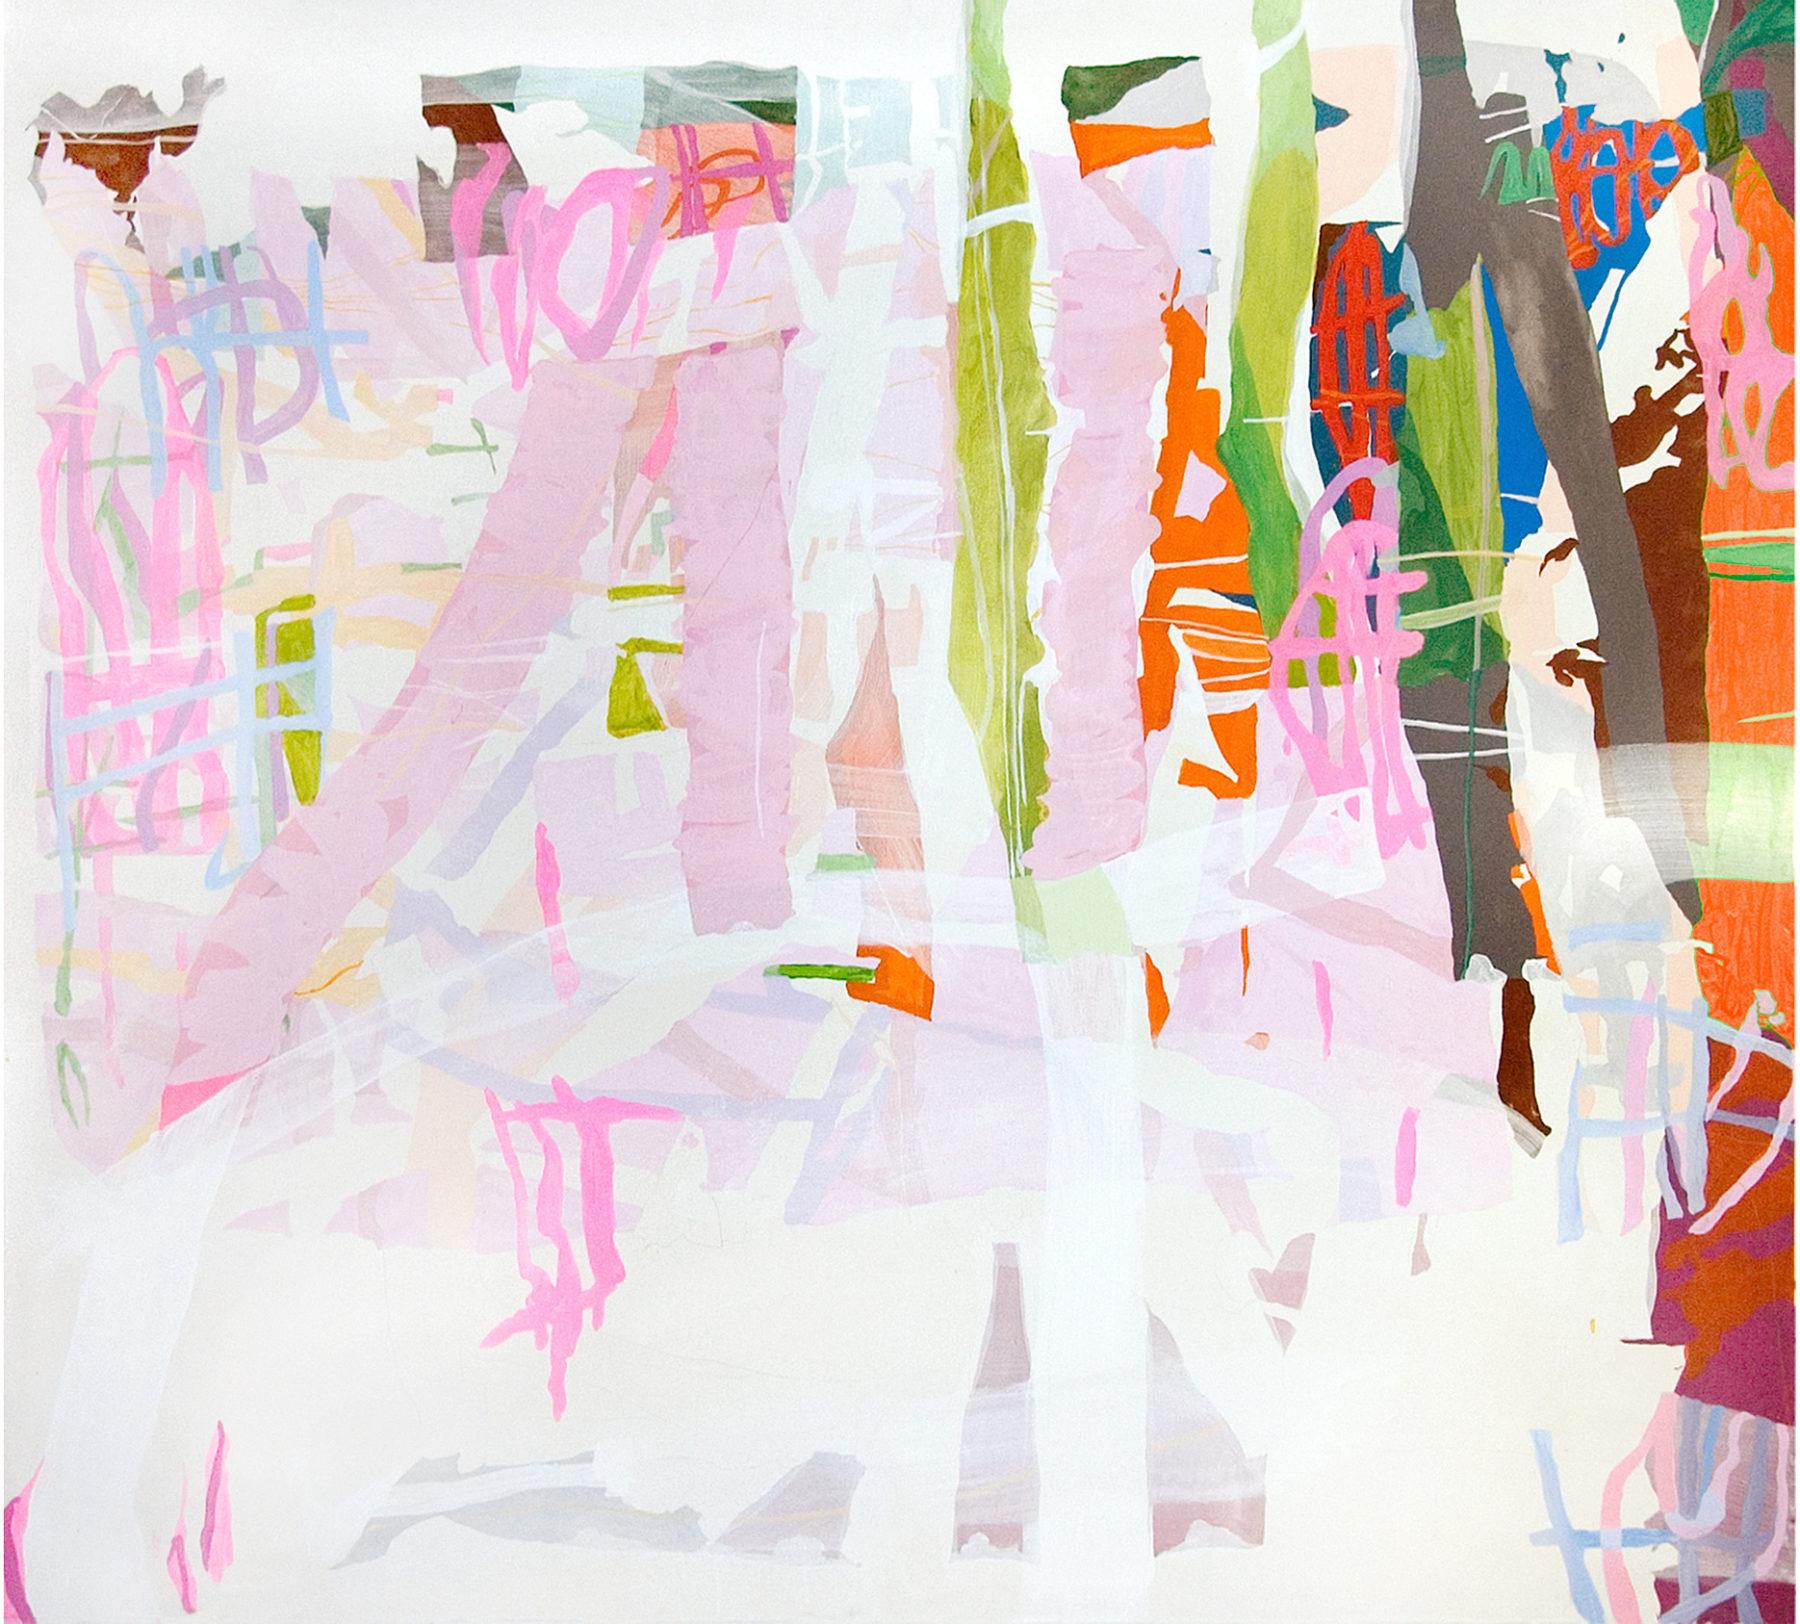 Andreas Wolf, Gemälde, 2008